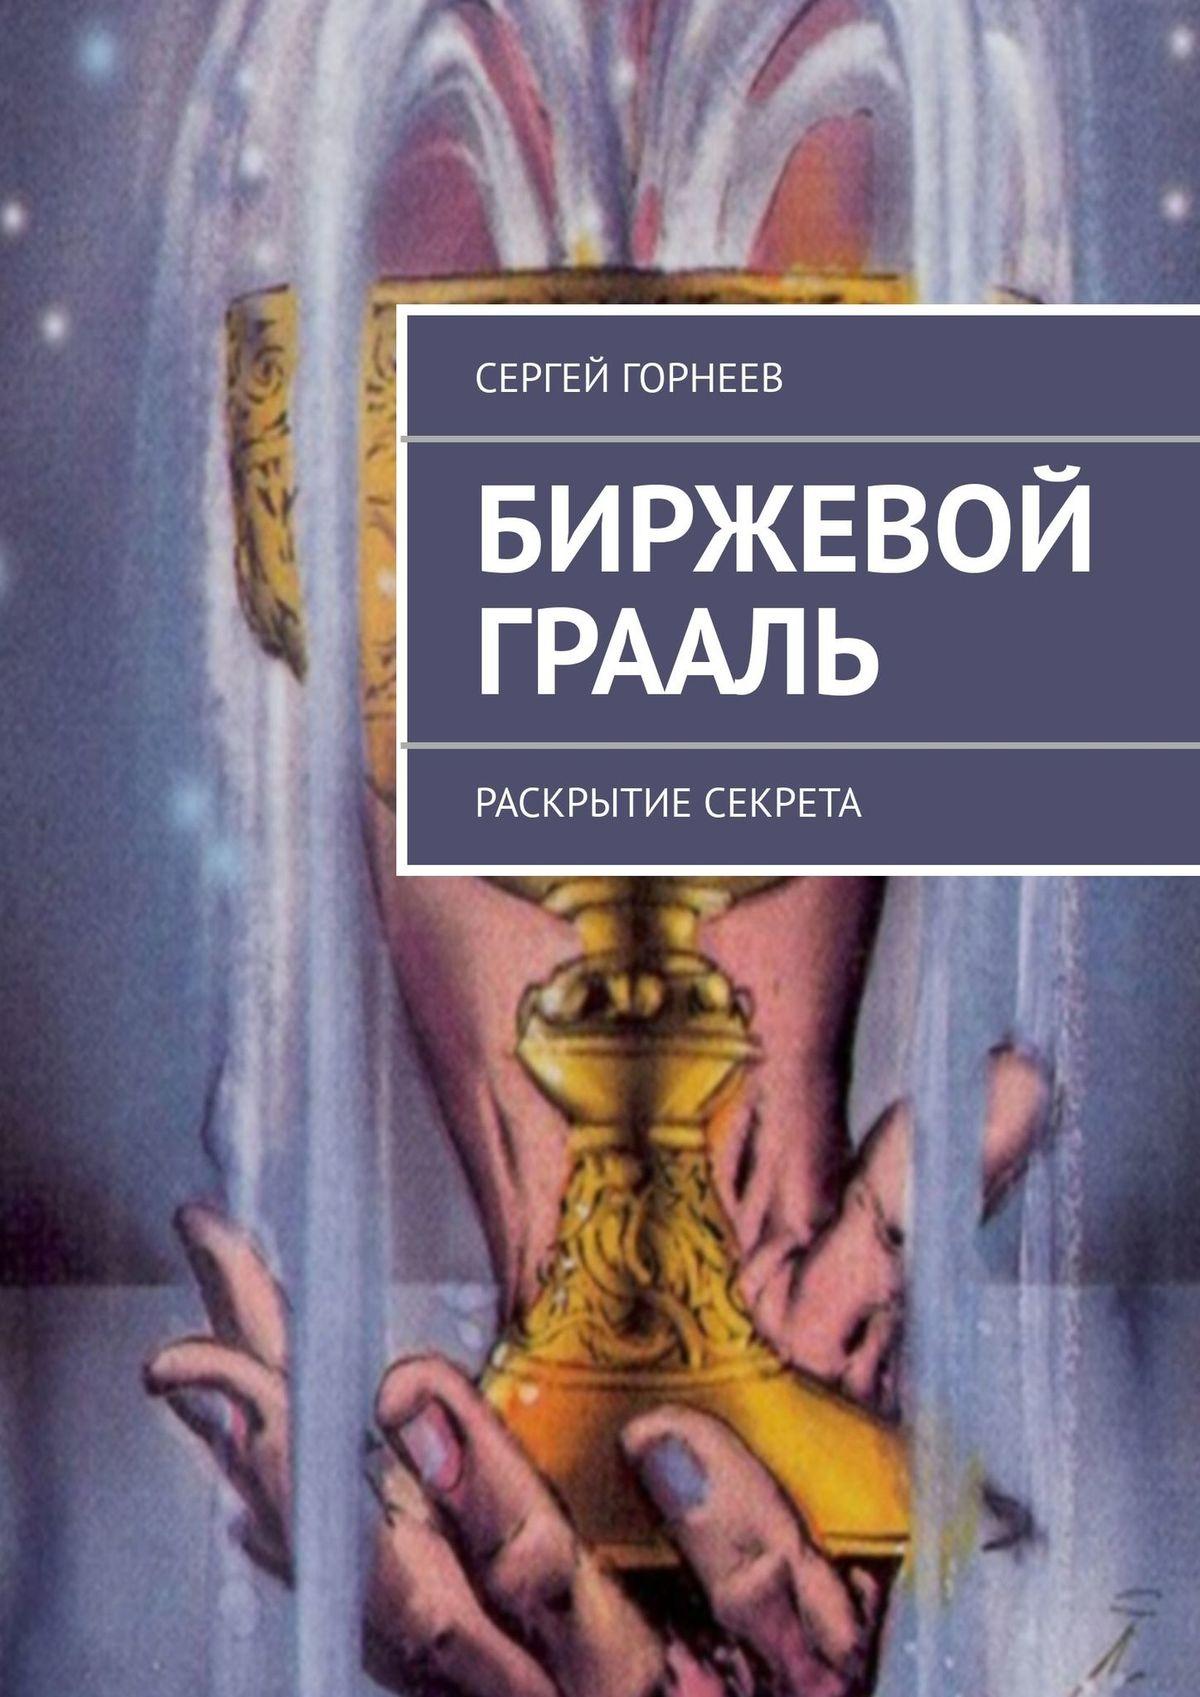 Сергей Владимирович Горнеев Биржевой Грааль мировой финансовый кризис что дальше